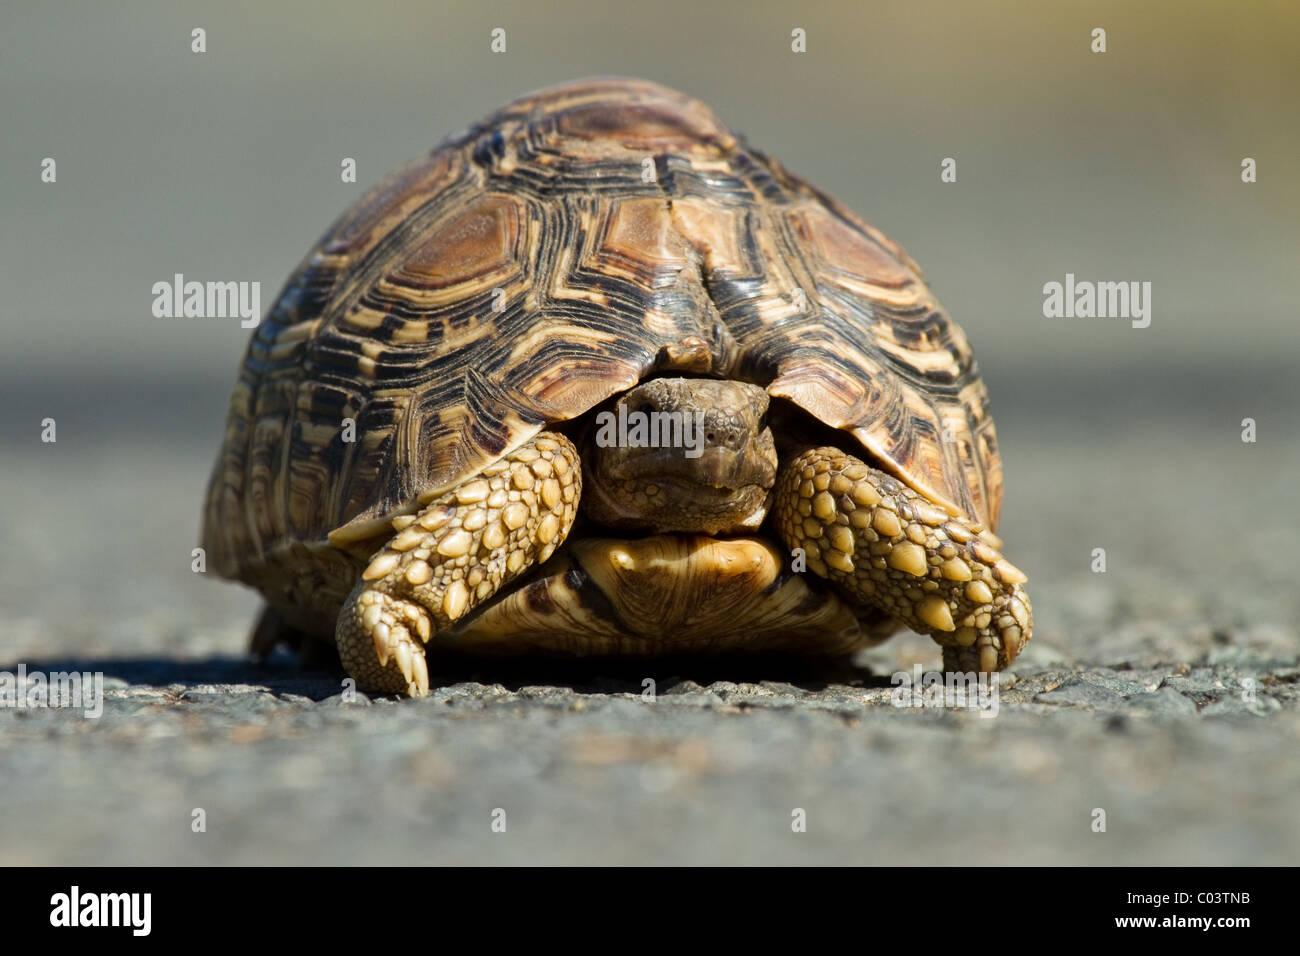 Afrique du Sud tortue articulée dentelée Photo Stock